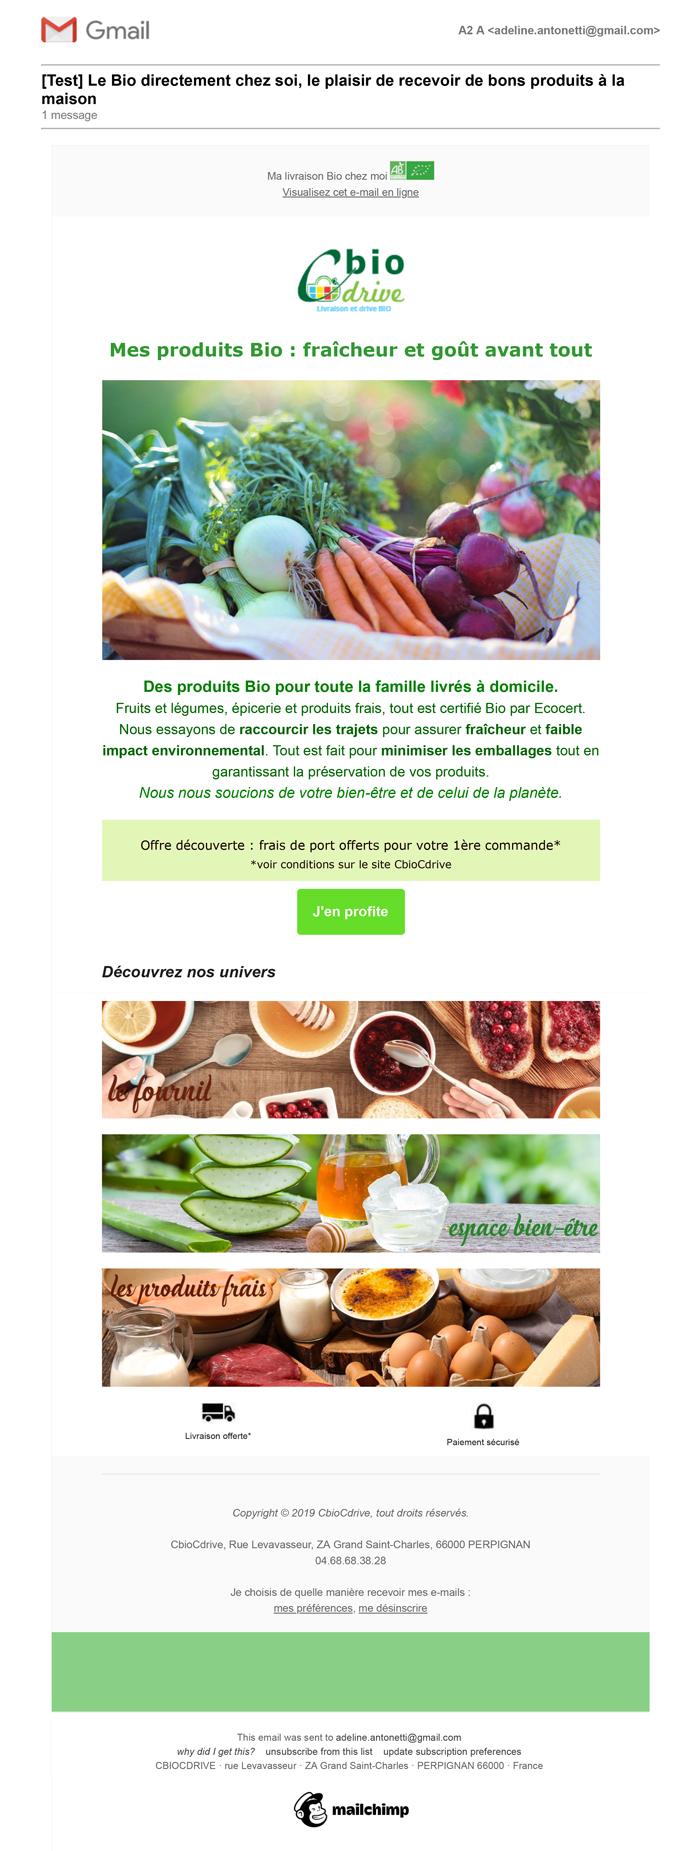 Emailing-Acquisition-Le-Bio-directement-chez-soi,-le-plaisir-de-recevoir-de-bons-produits-a-la-maison